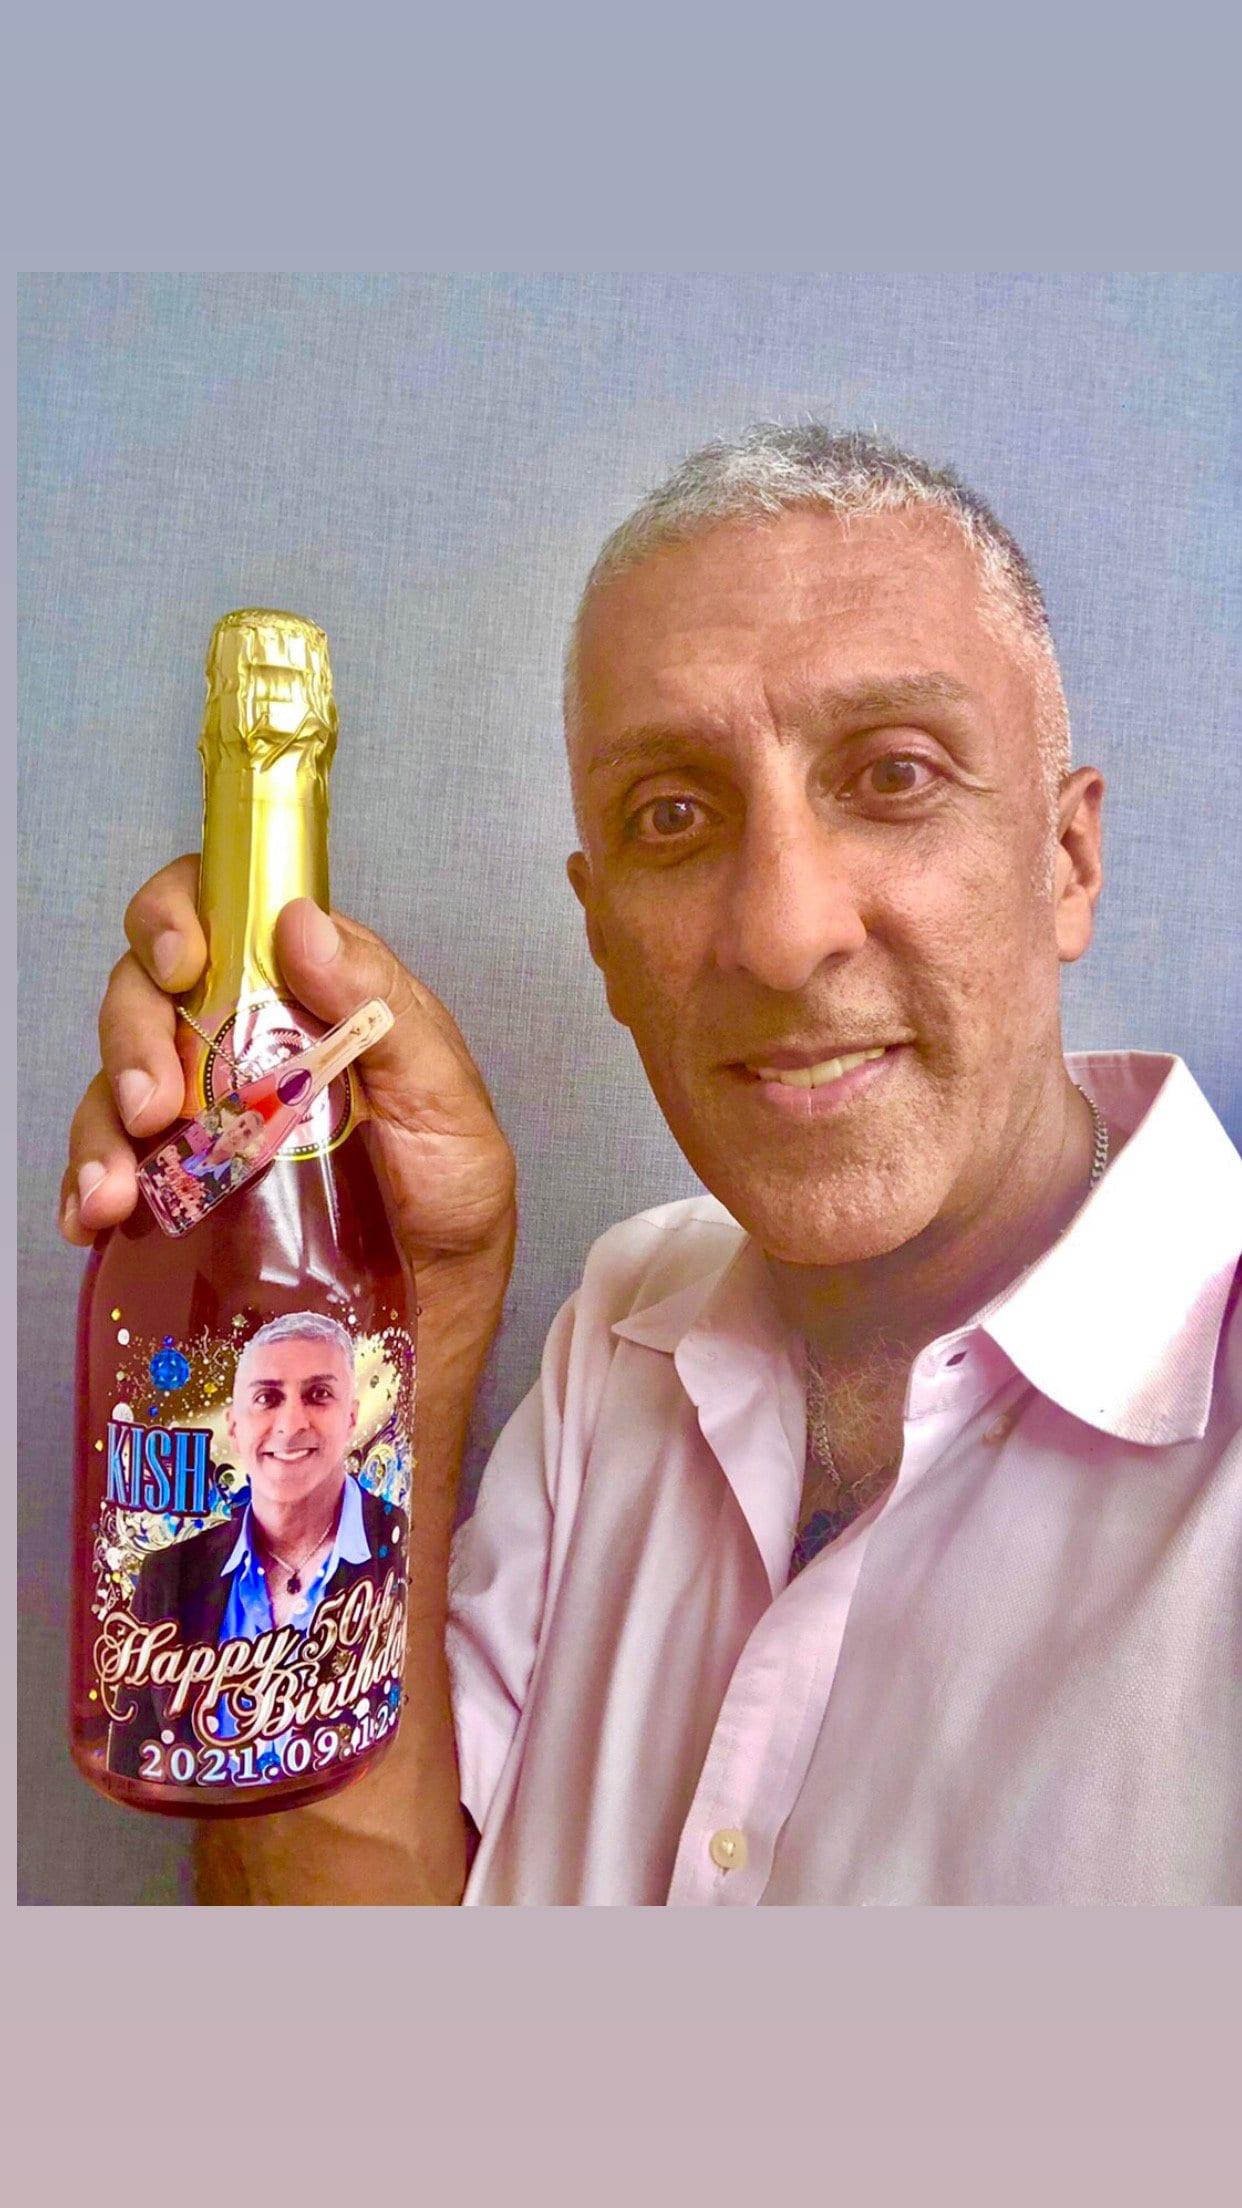 キッシュとオリジナルスパークリングワインで乾杯のイメージその5